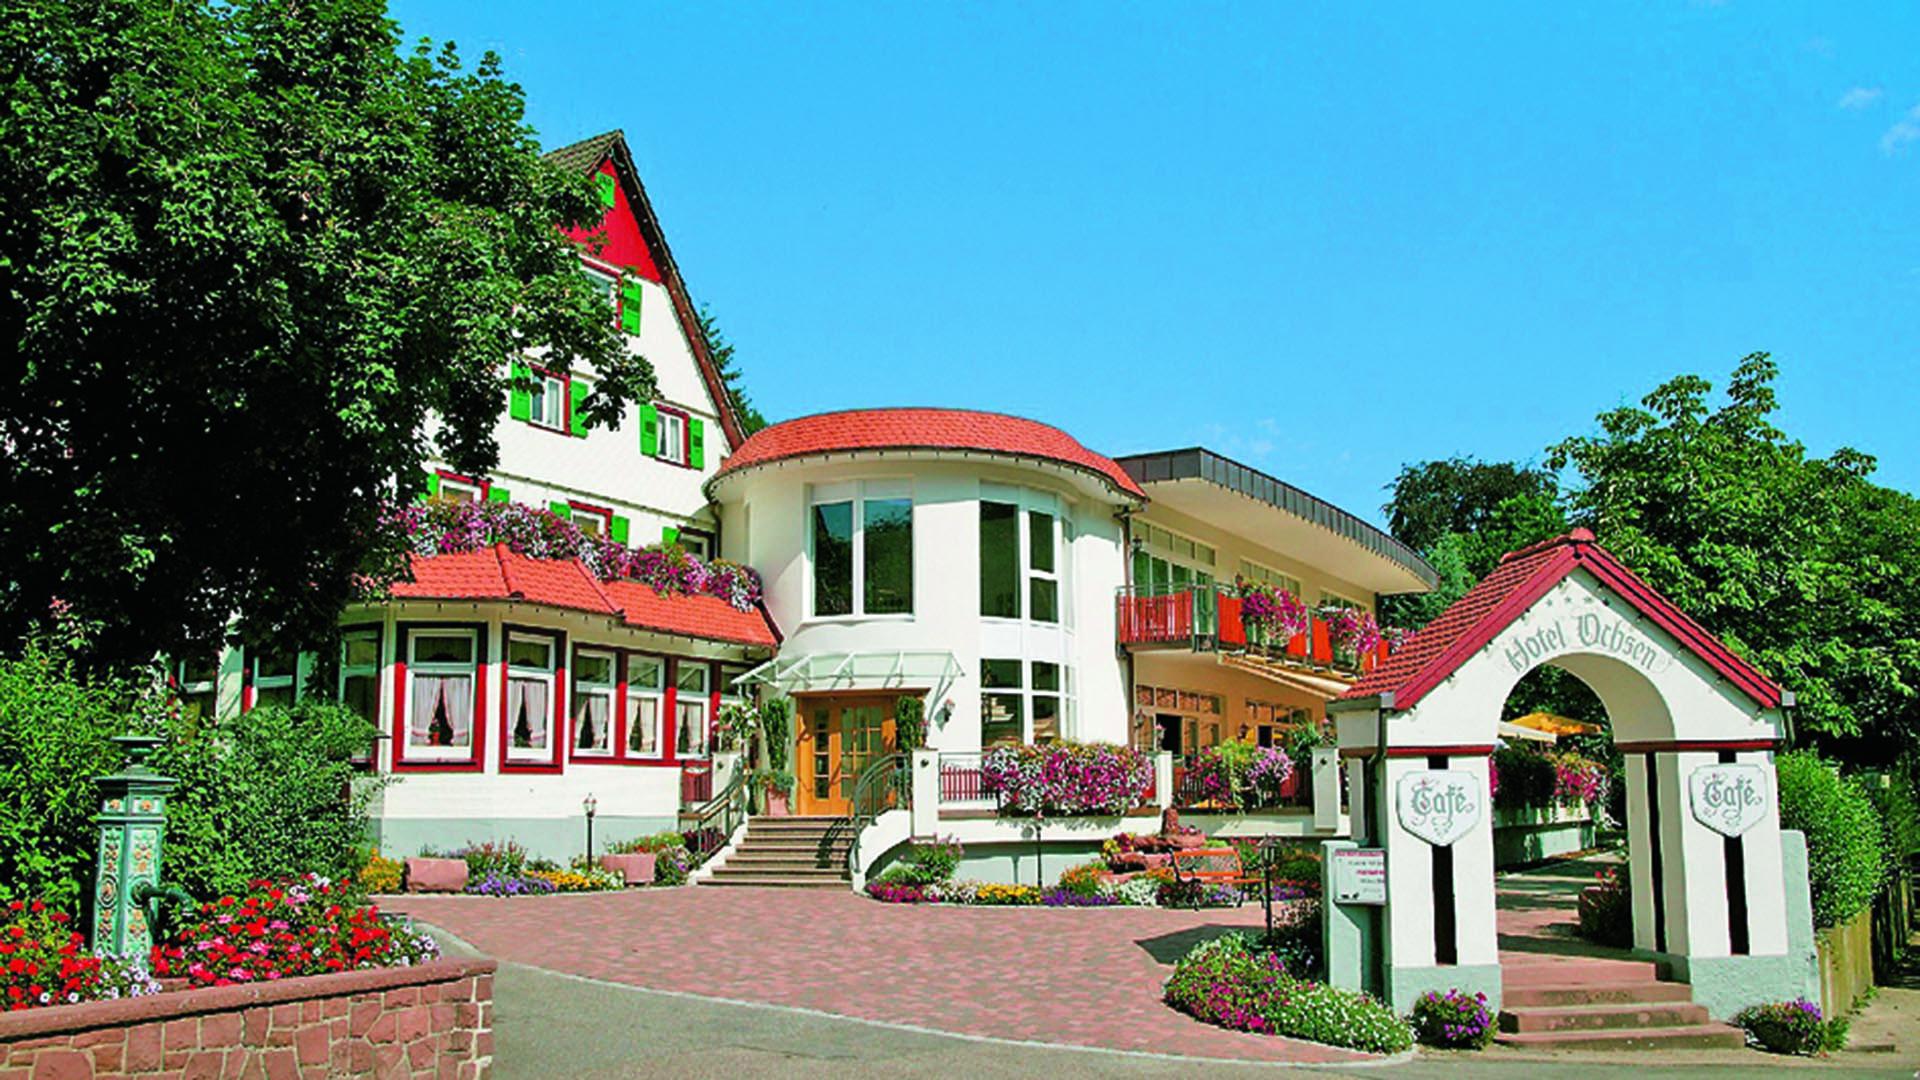 Hotel Ochsen GmbH